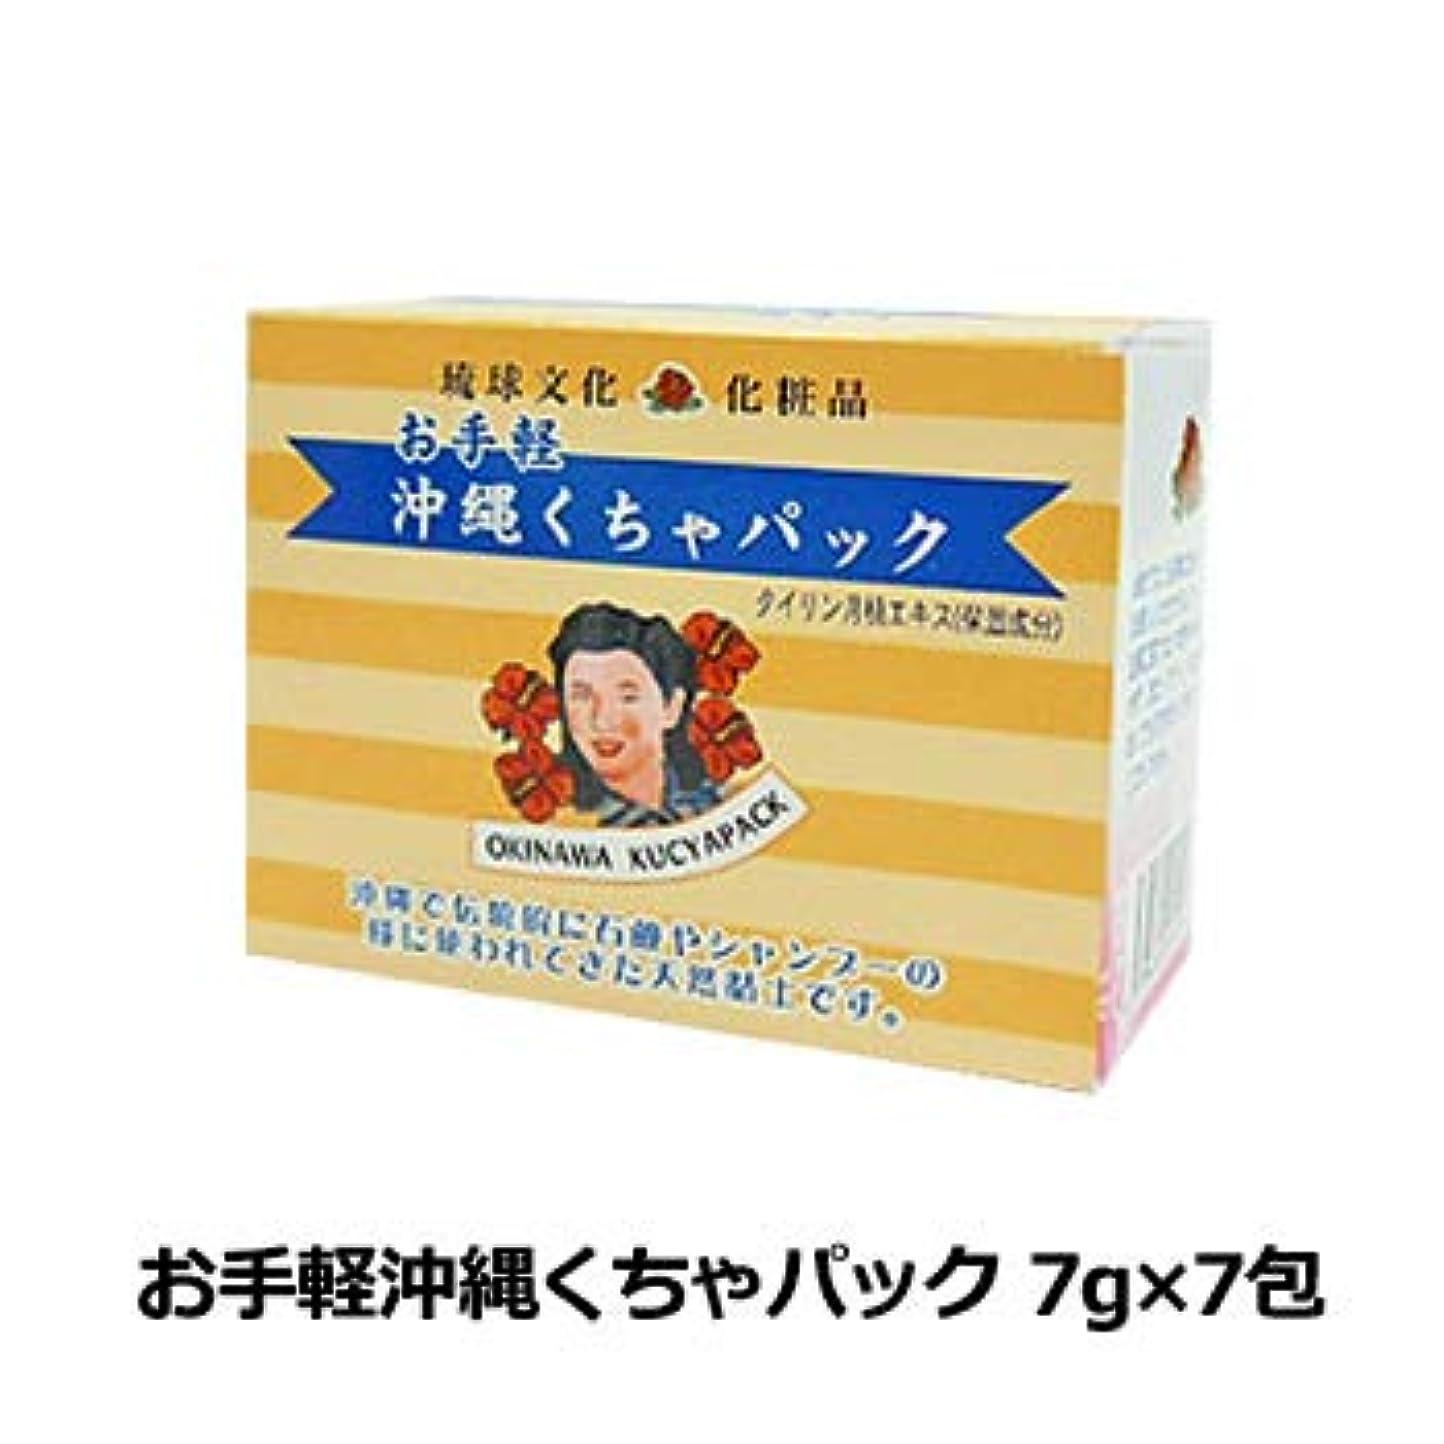 ラジカルまさに数値お手軽沖縄くちゃパック 7g×7包